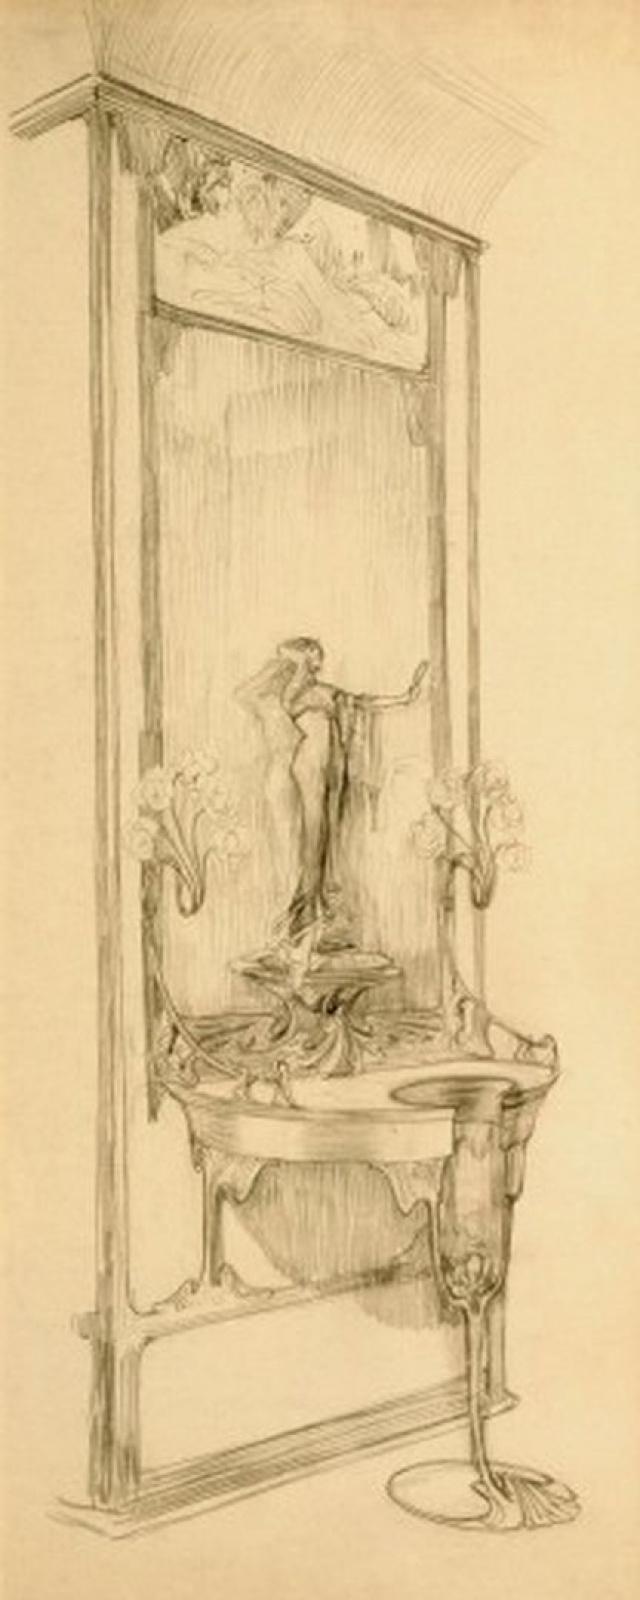 Альфонс Муха. Интерьер ювелирного магазина Жоржа Фуке. Эскиз витрины с зеркалом и статуэткой